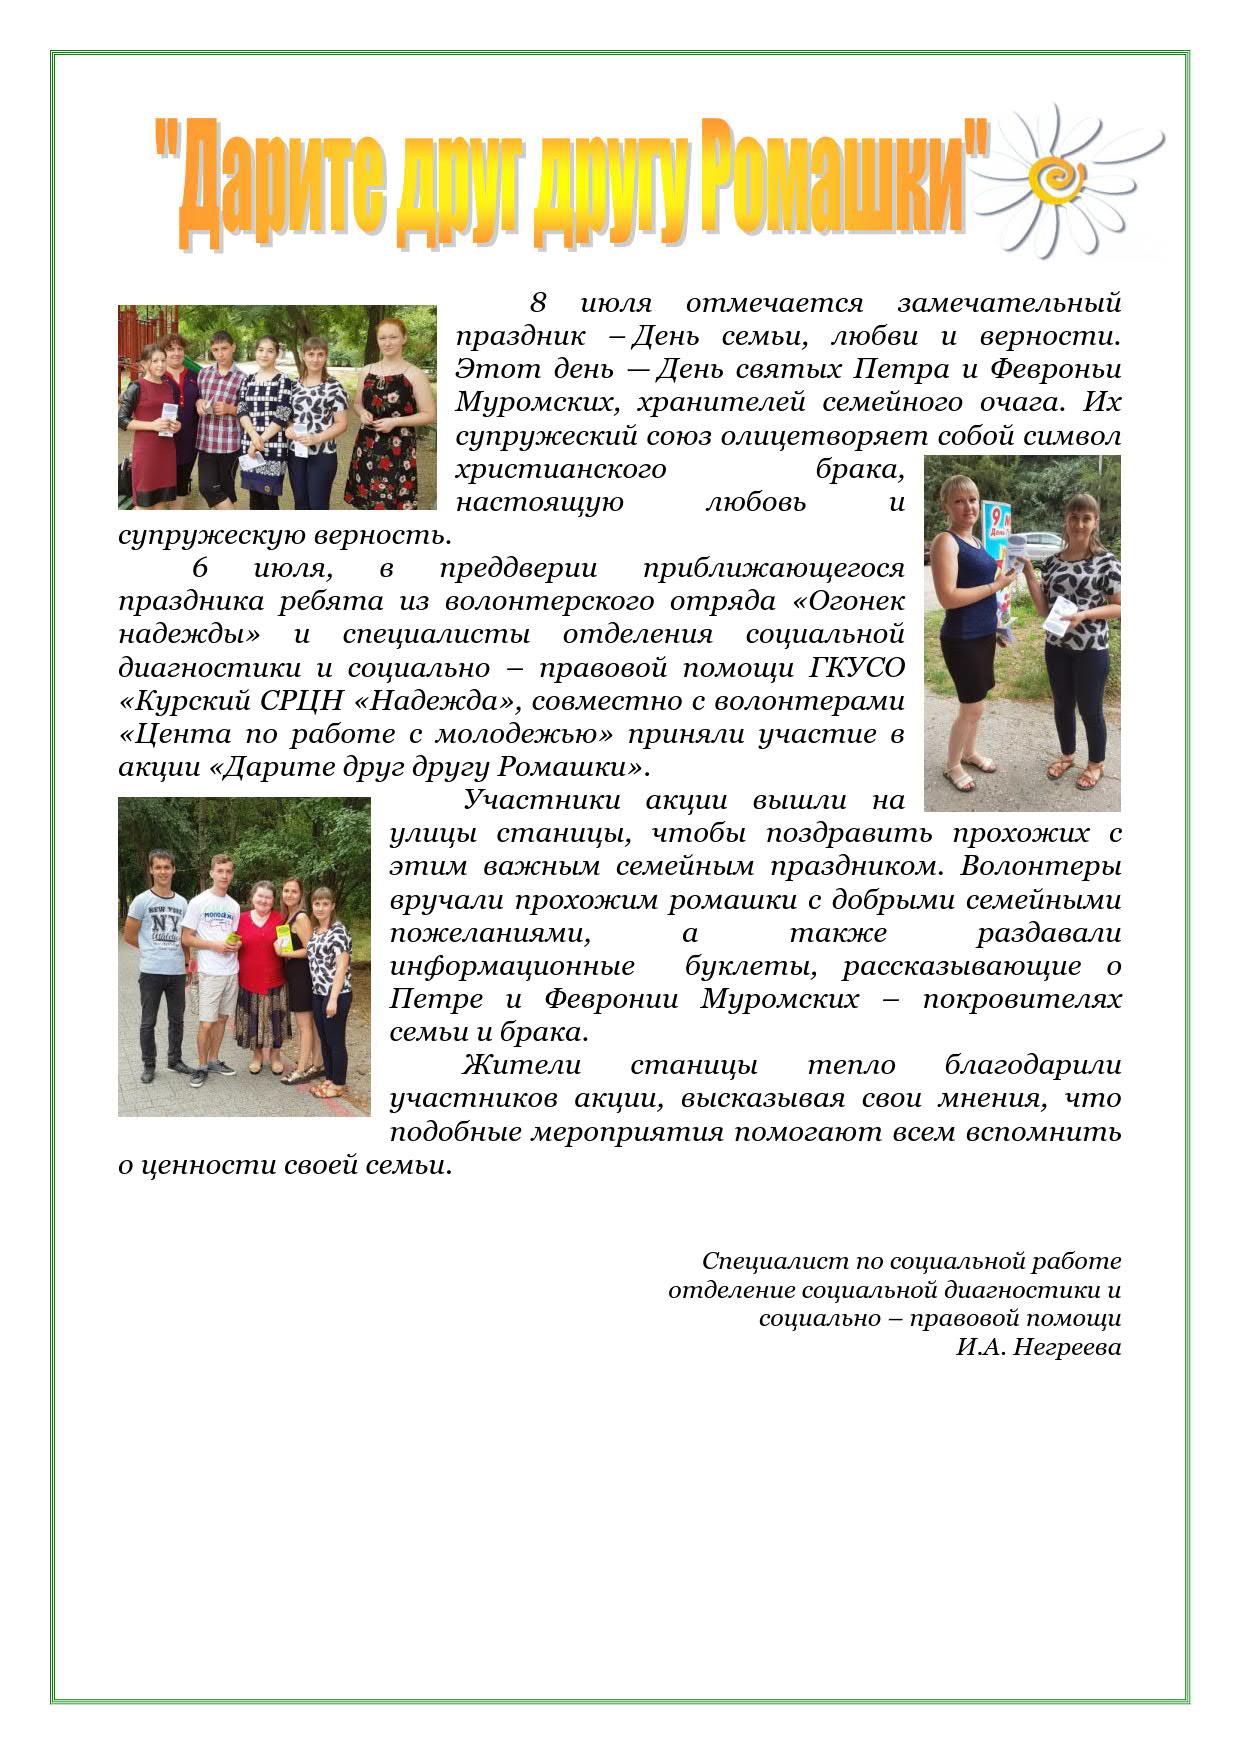 статья день семьи_1